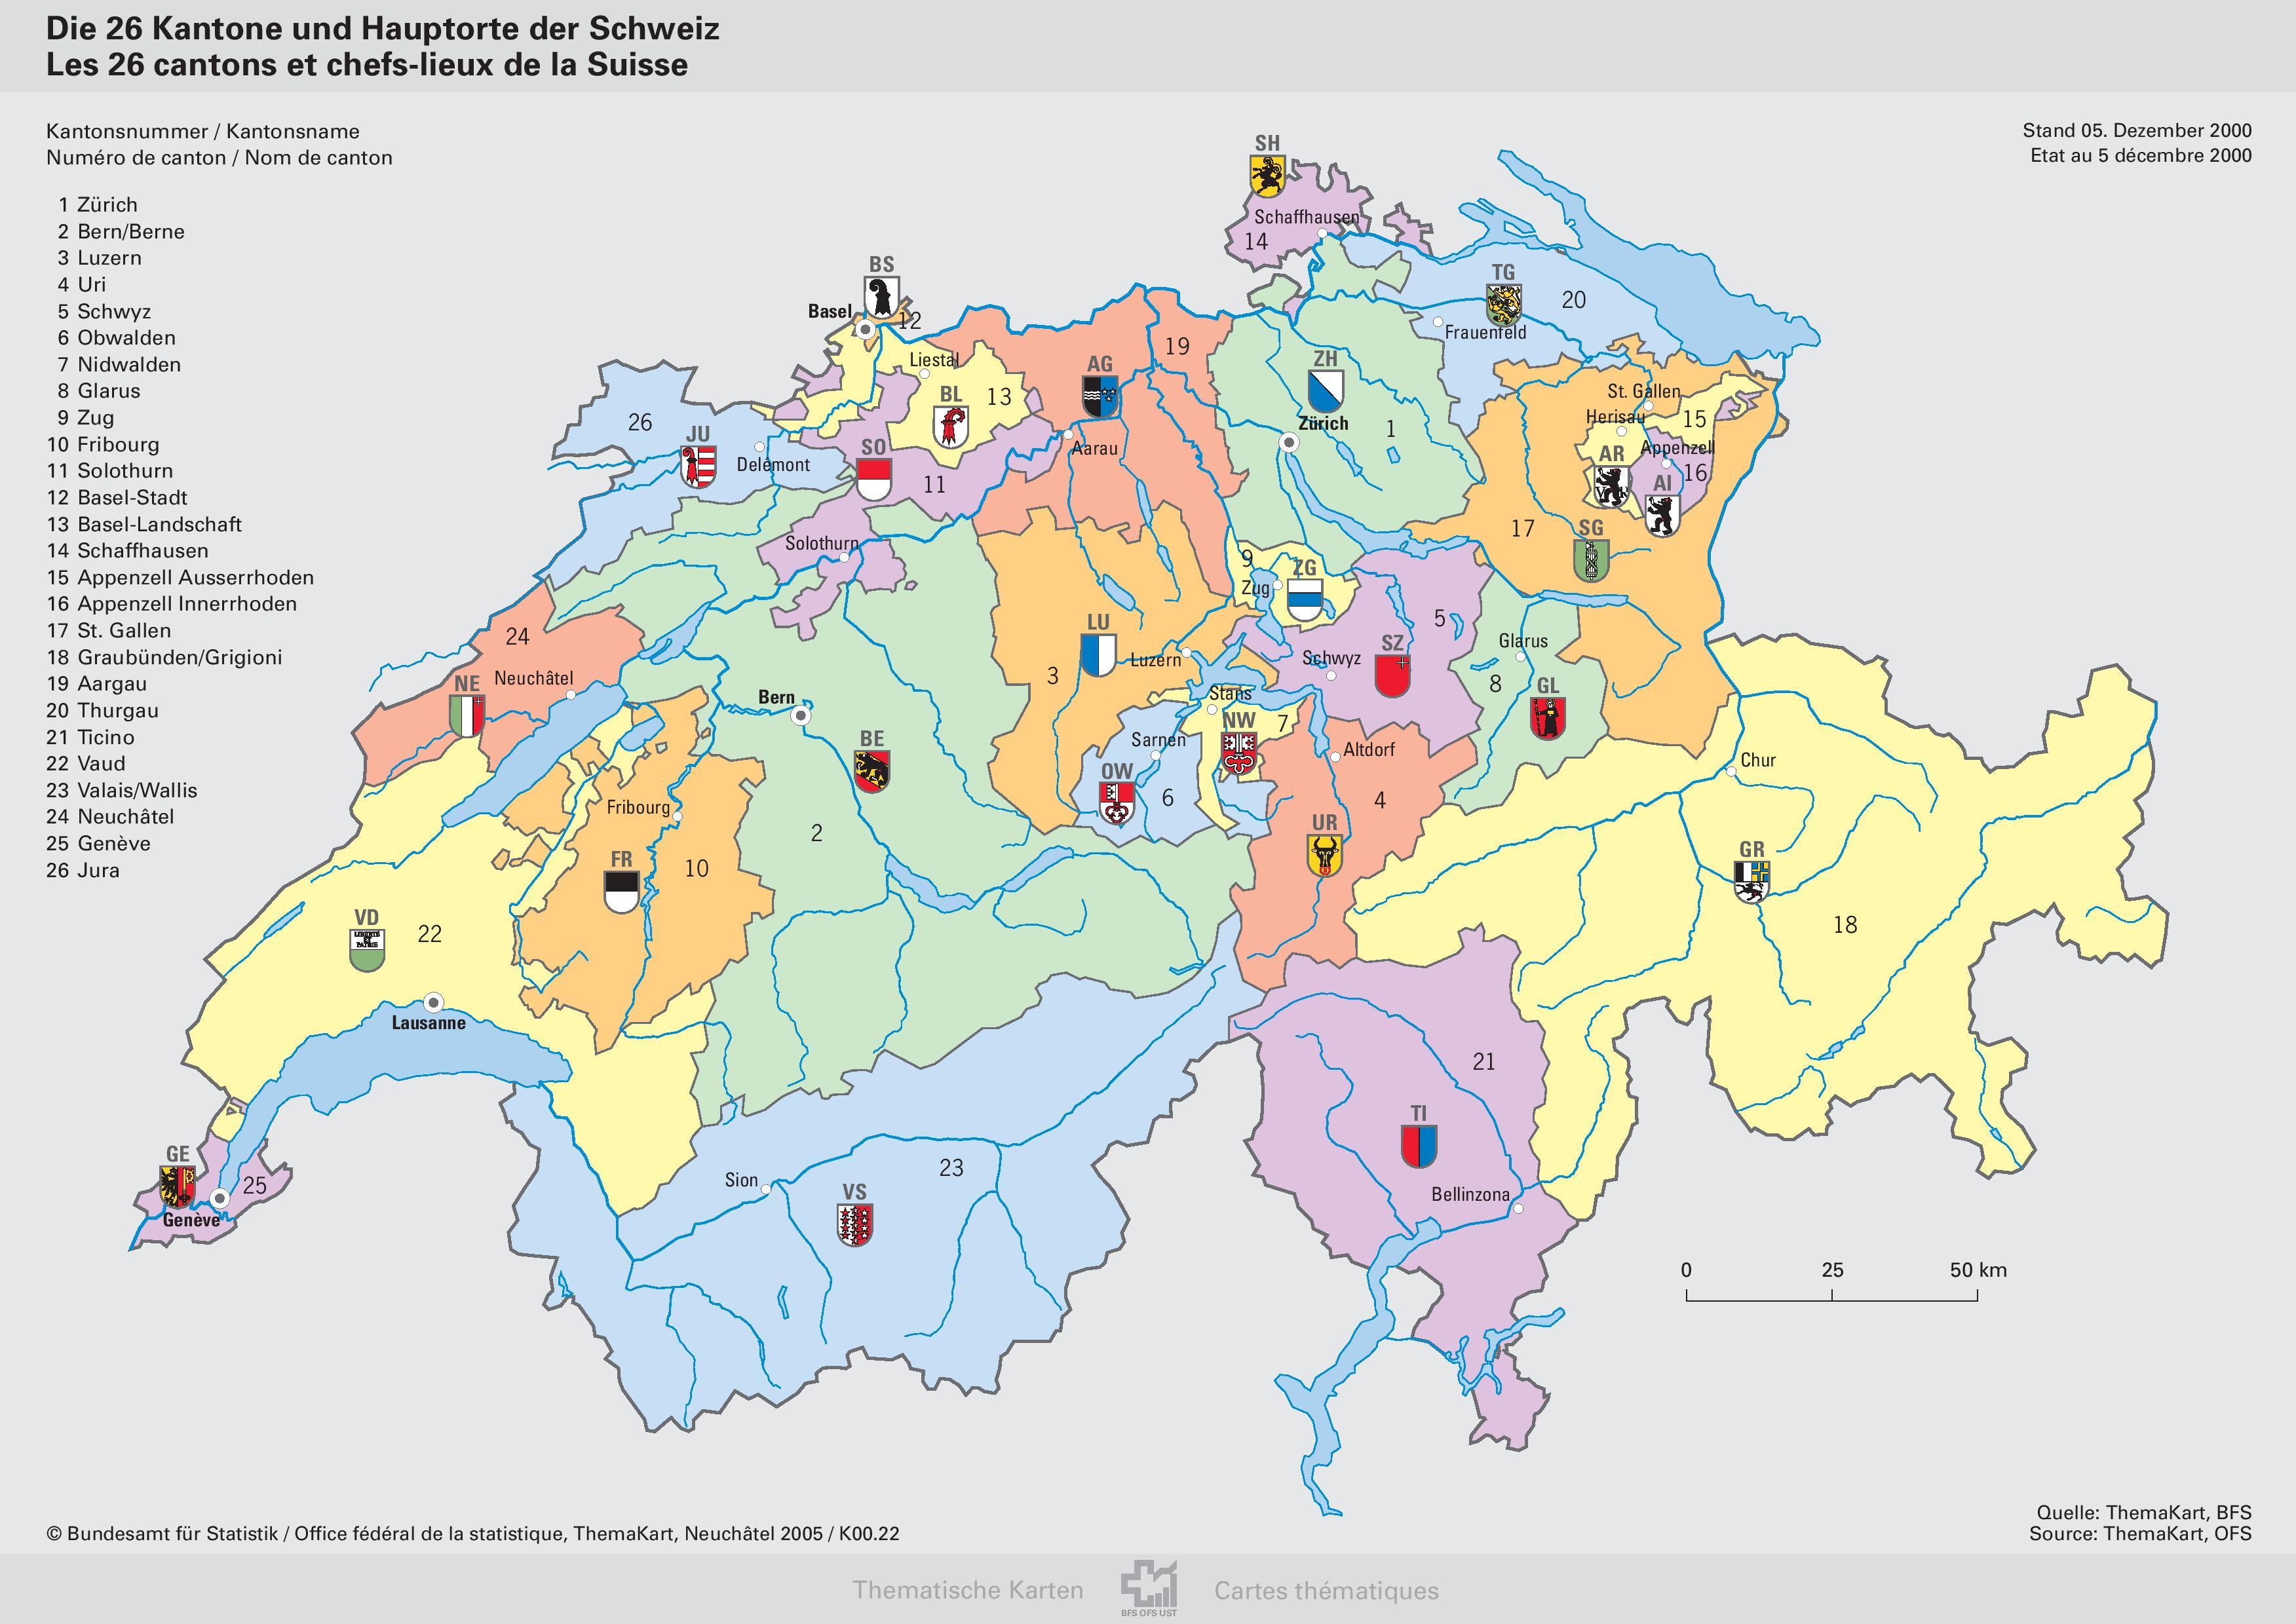 May Geovisualist - Population density in switzerland 2015